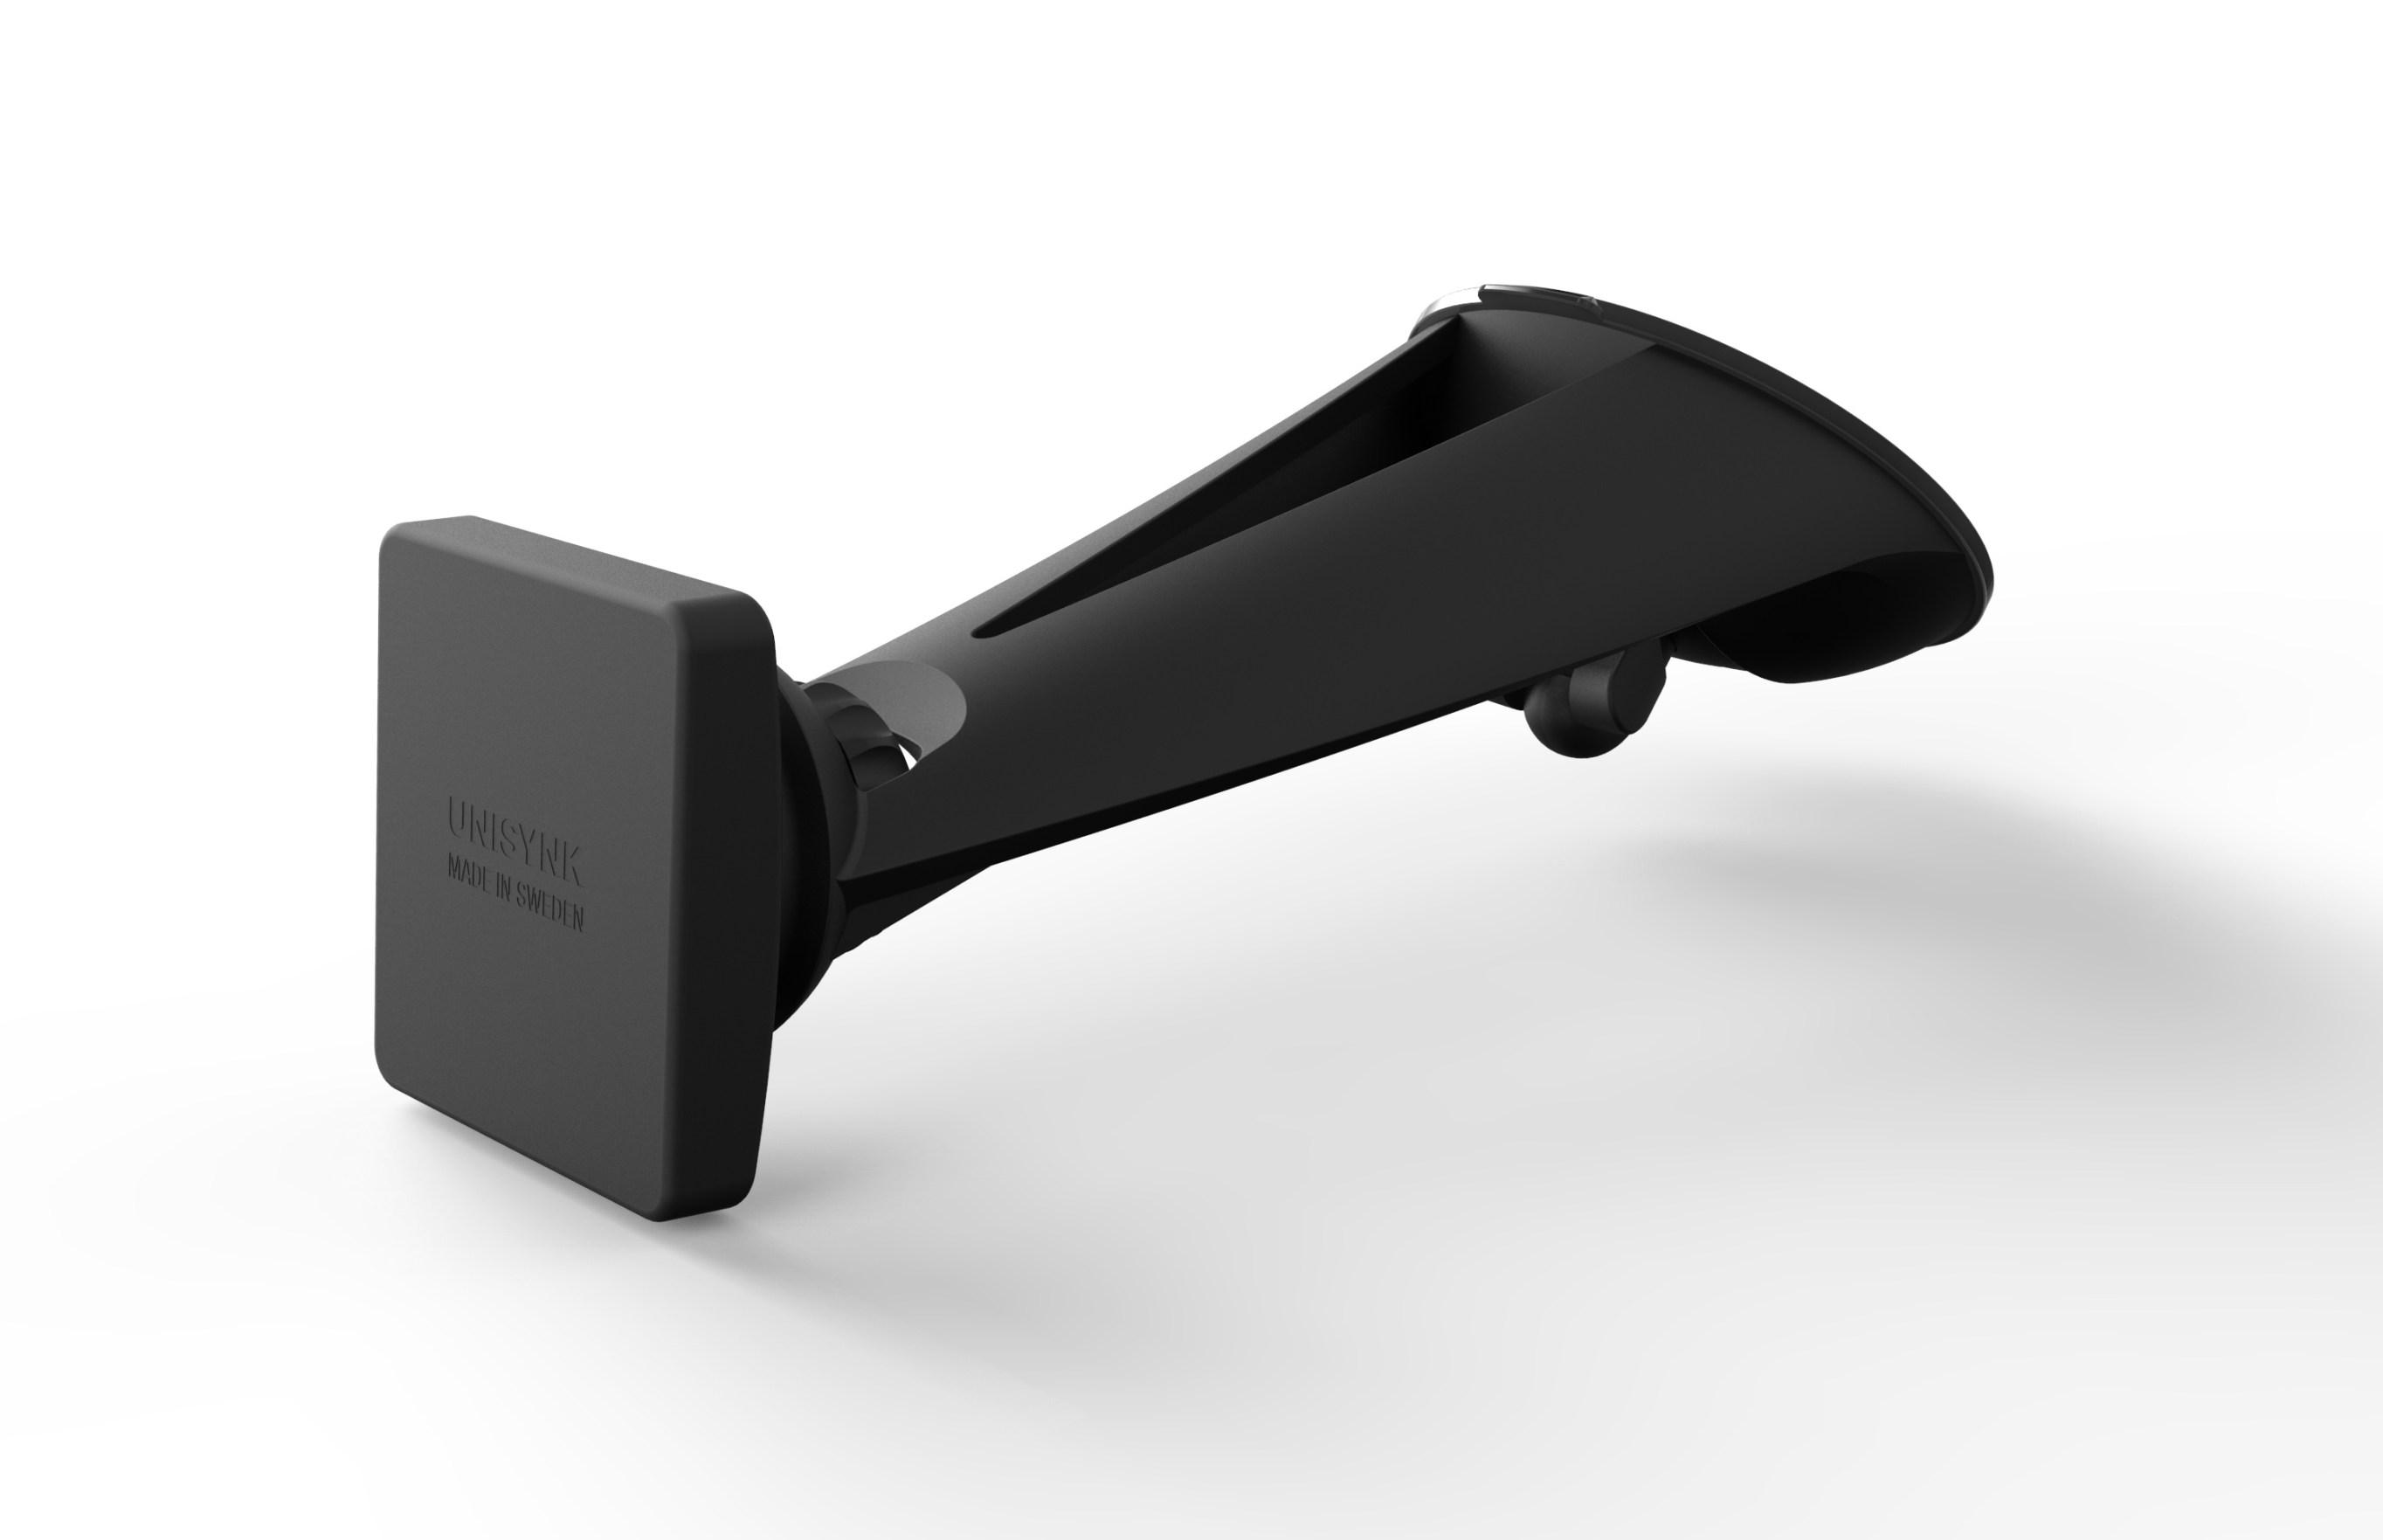 Yleismallinen puhelinpidin magneetilla ikkunaan imukupilla